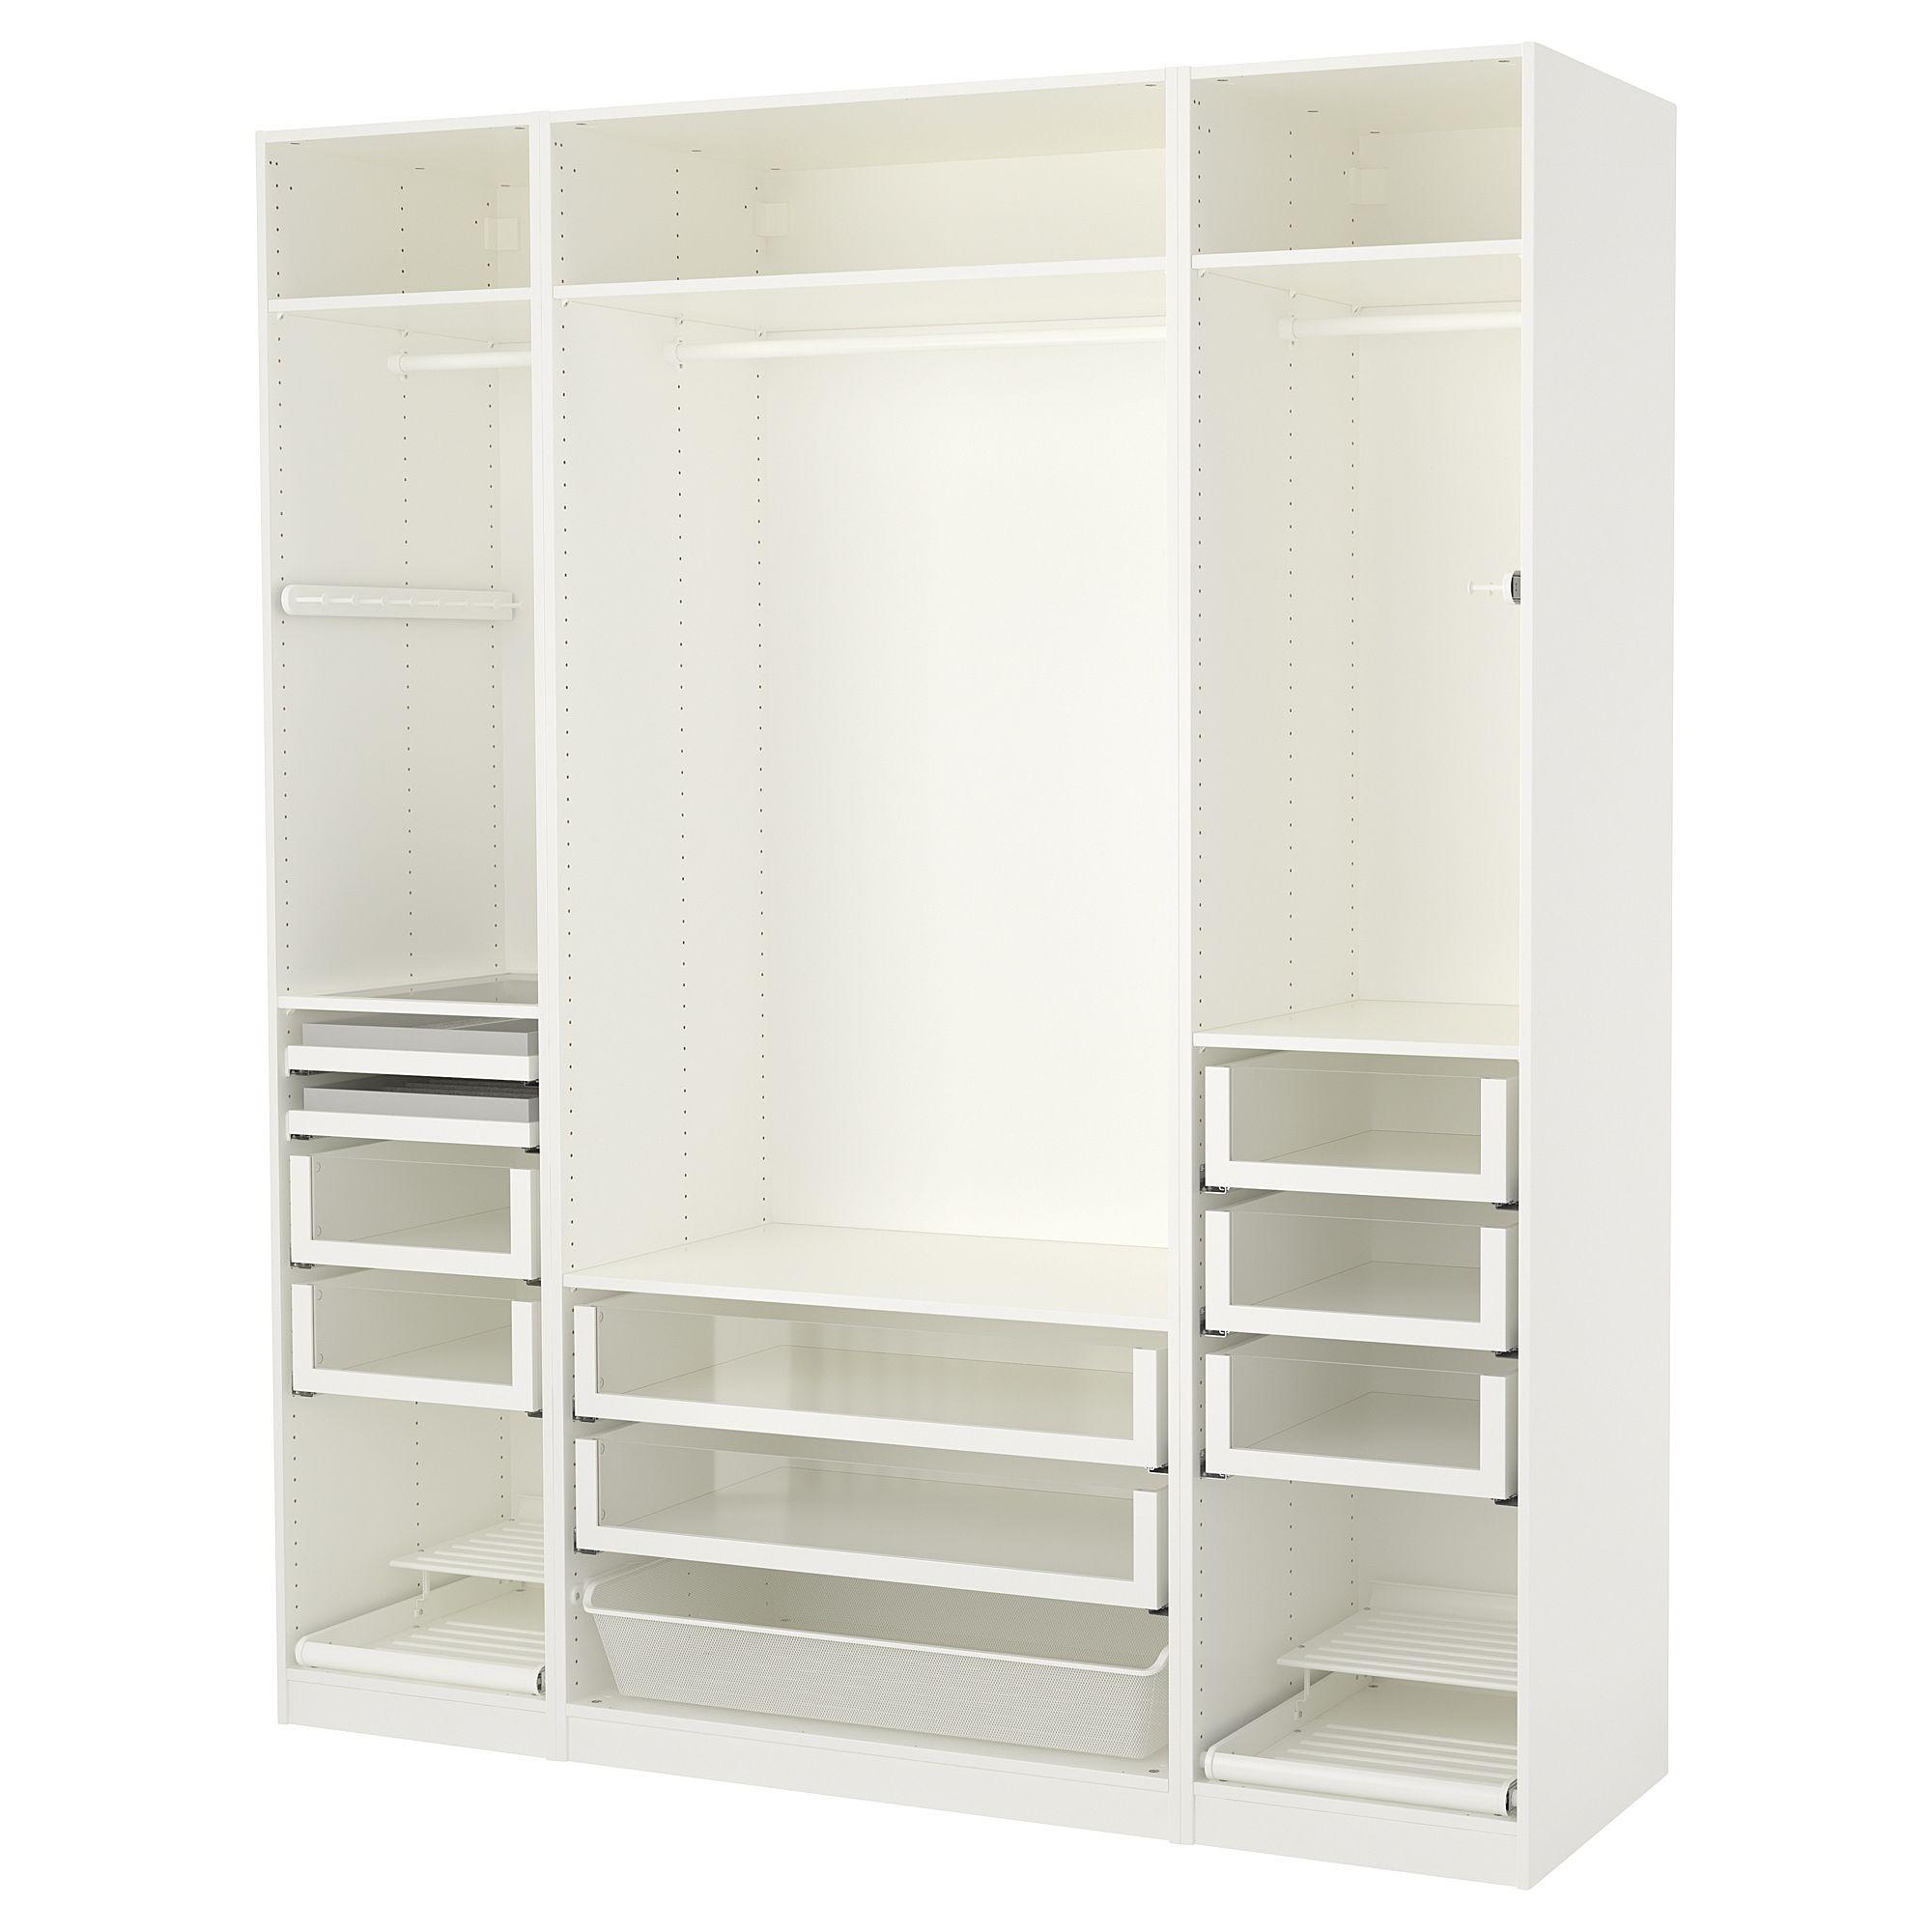 Pax Wardrobe White 78 3 4x22 7 8x93 1 8 200x58x236 Cm Ikea Pax Pax Wardrobe Ikea Pax Wardrobe